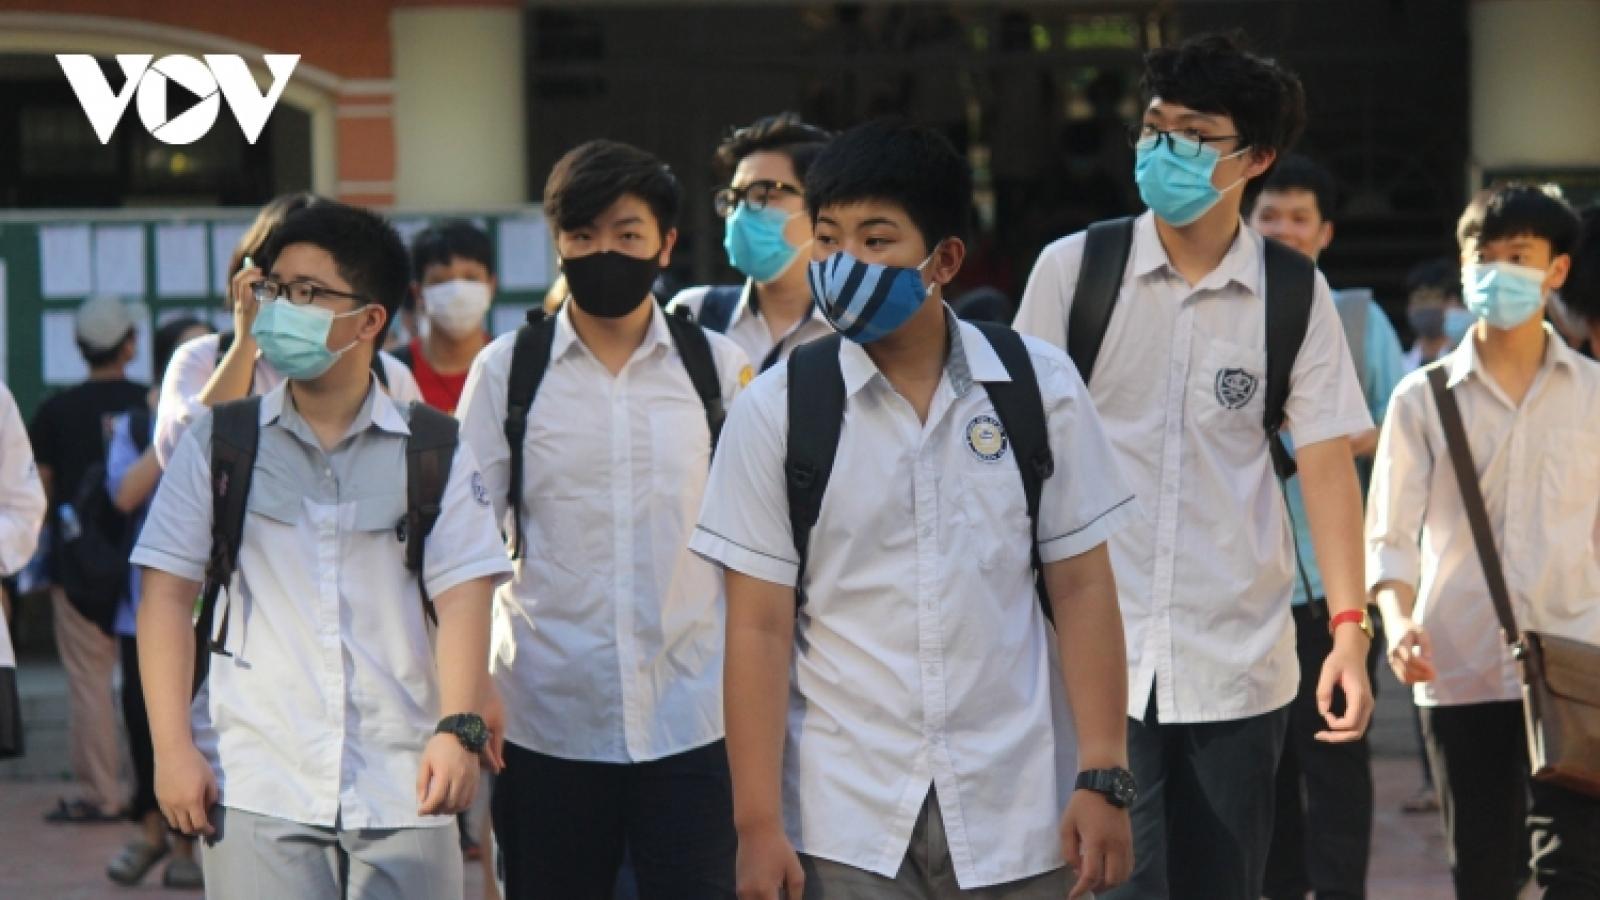 Xét nghiệm COVID-19 cho tất cả thí sinh dự thi tốt nghiệp THPT ở Bắc Ninh